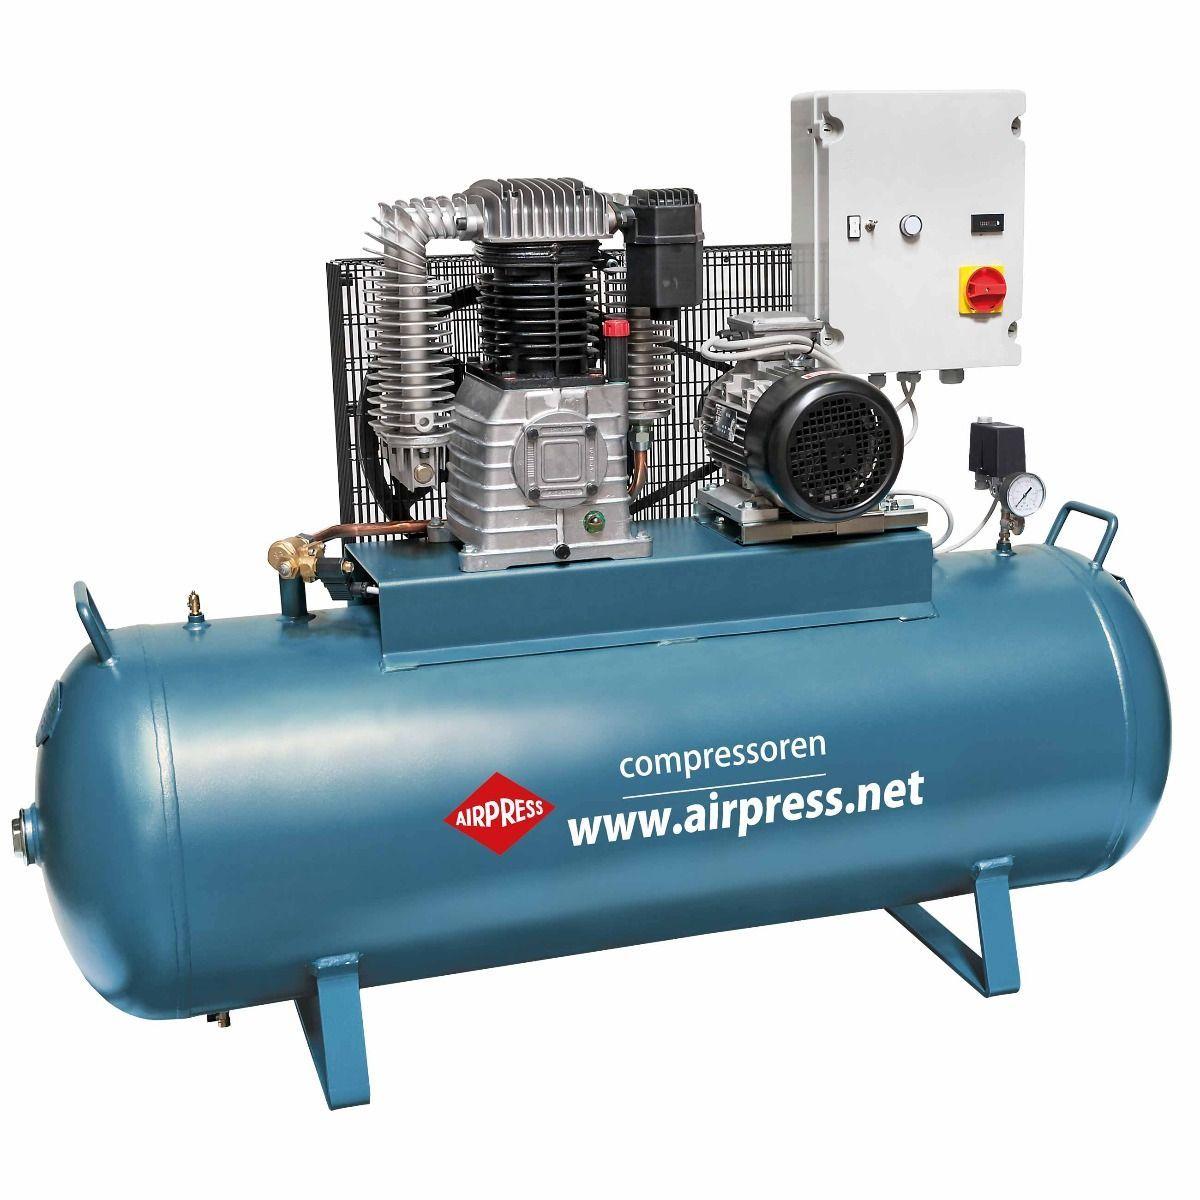 Compressor K 300-700 + sterdr.schak